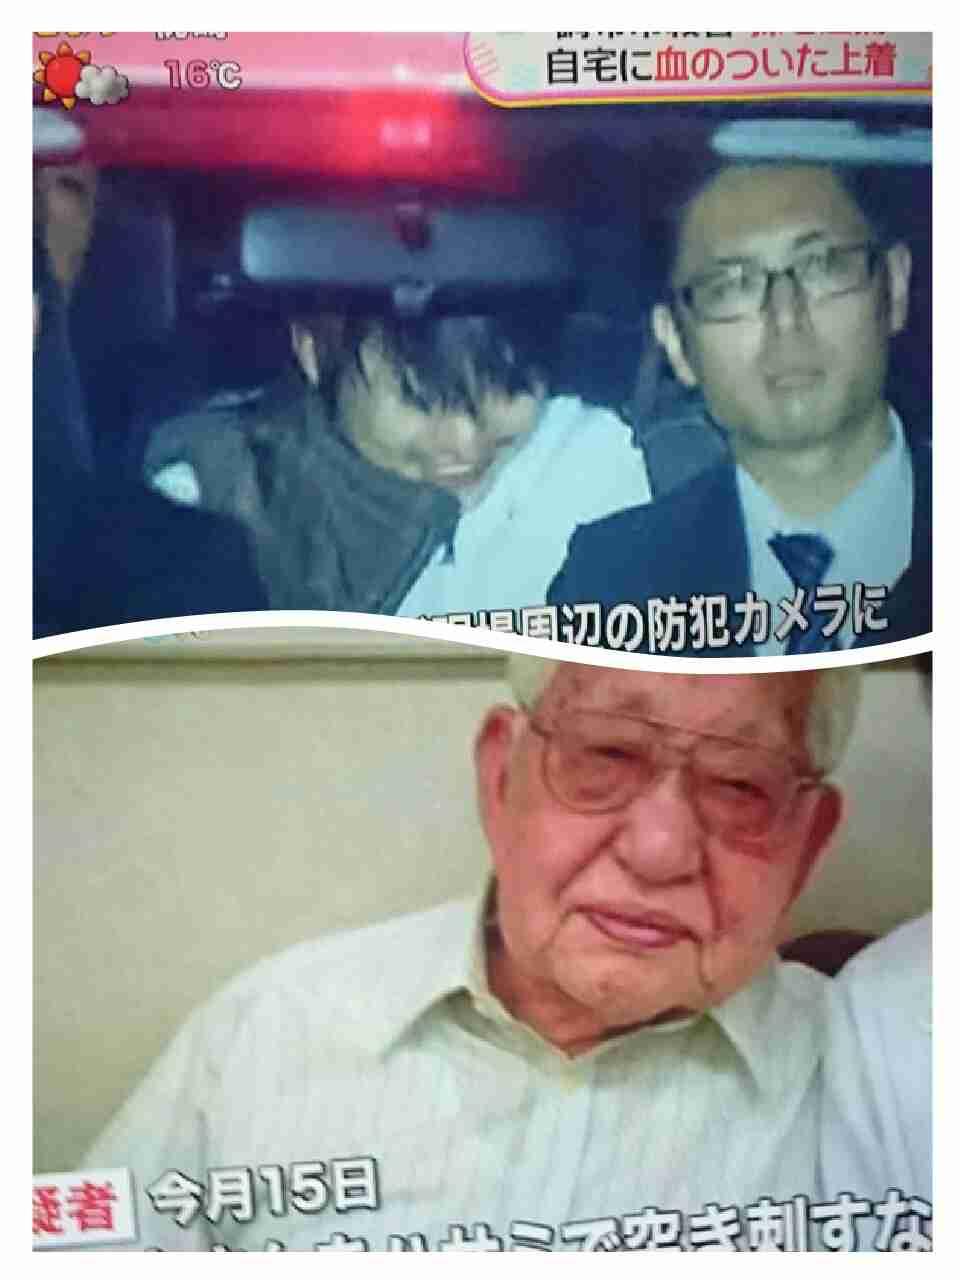 調布89歳男性殺害、強殺容疑で23歳の孫を逮捕 「別にどうでもいい」と供述